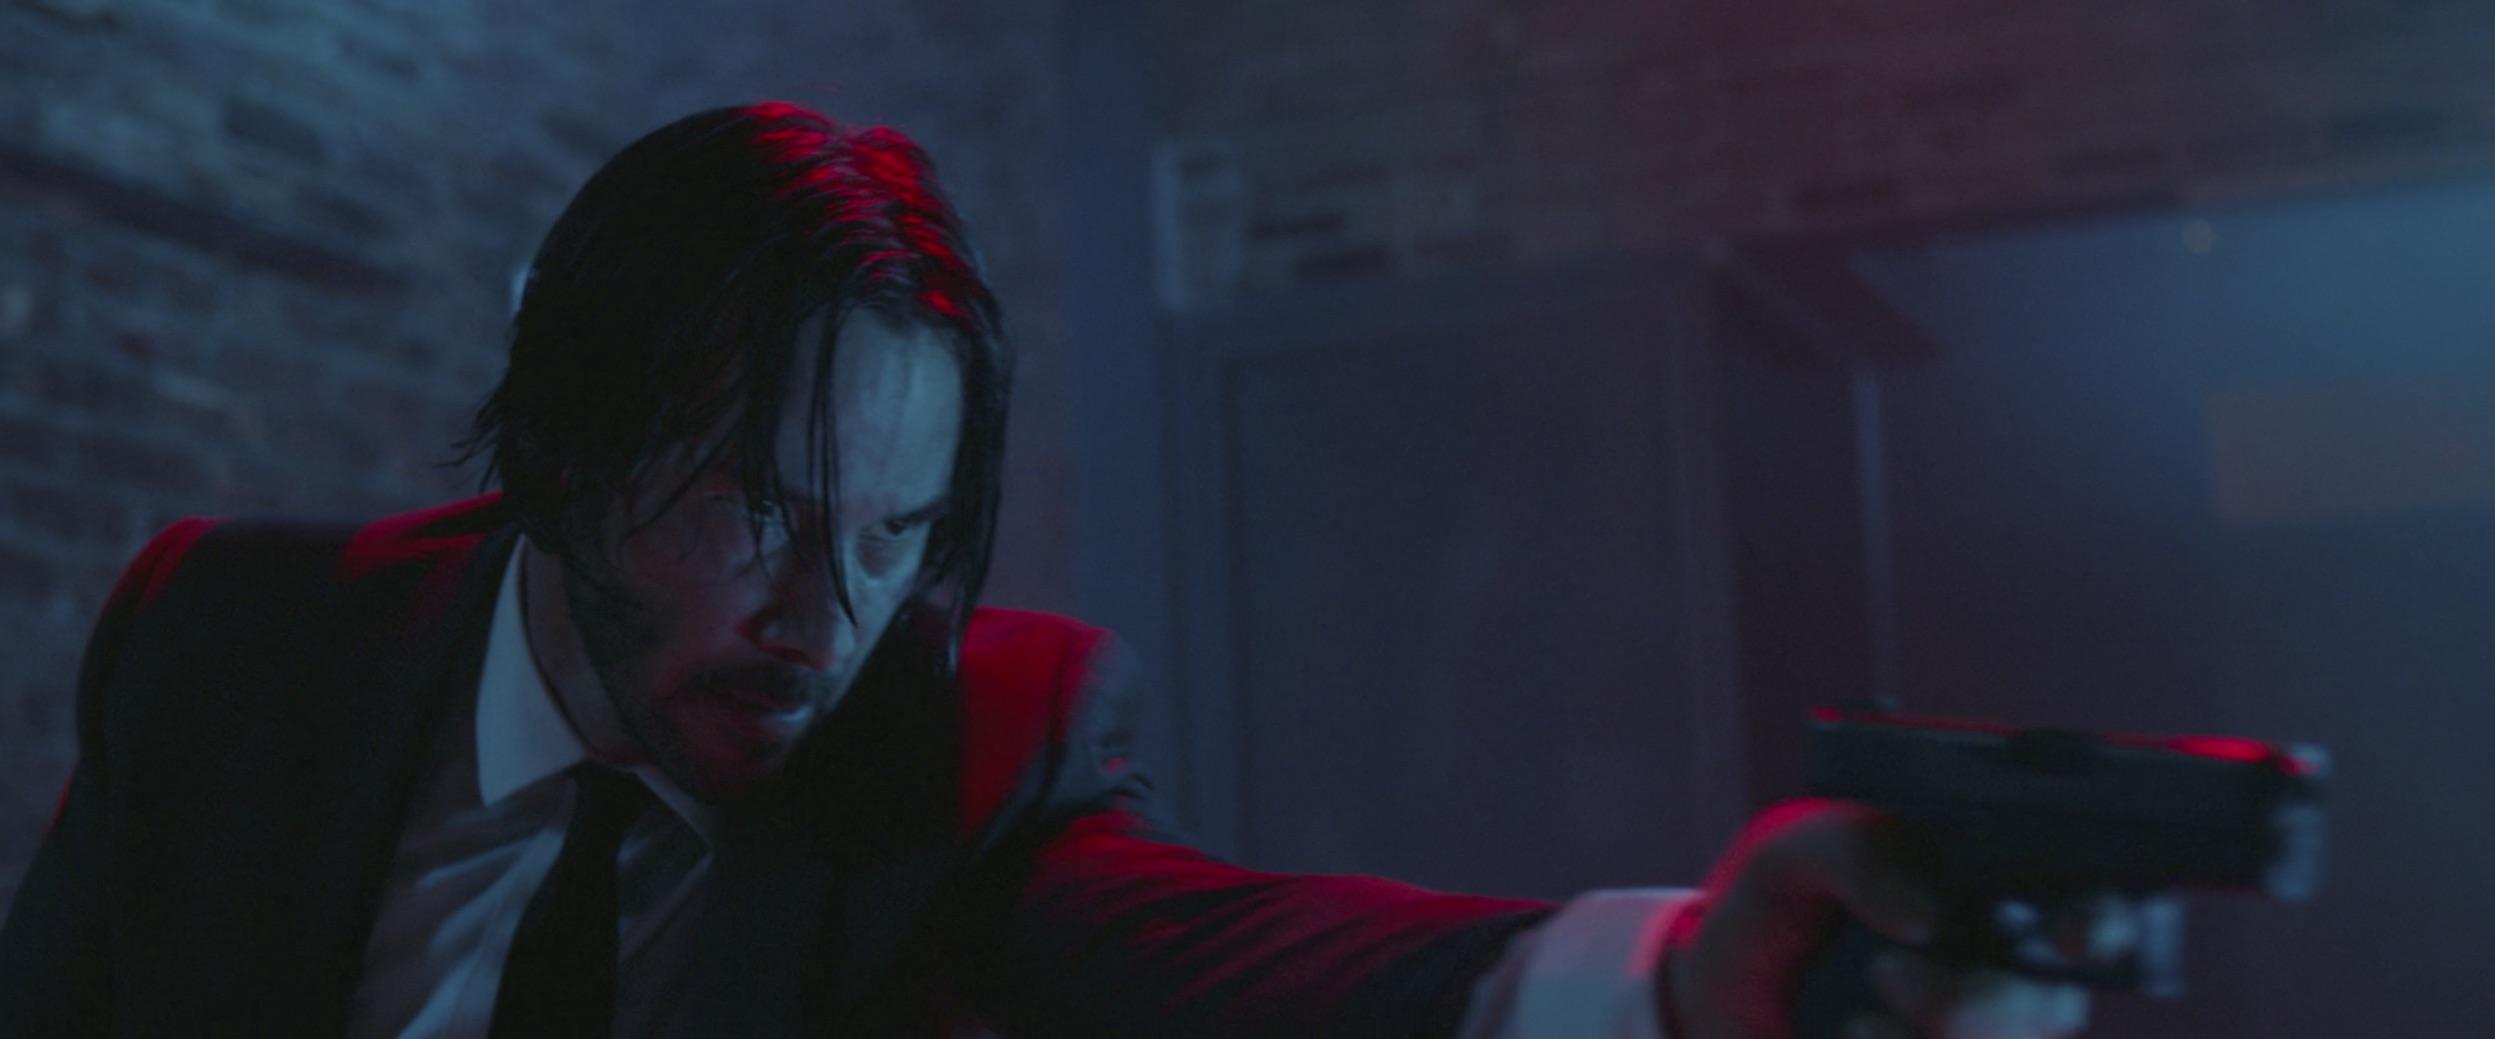 John Wick with gun